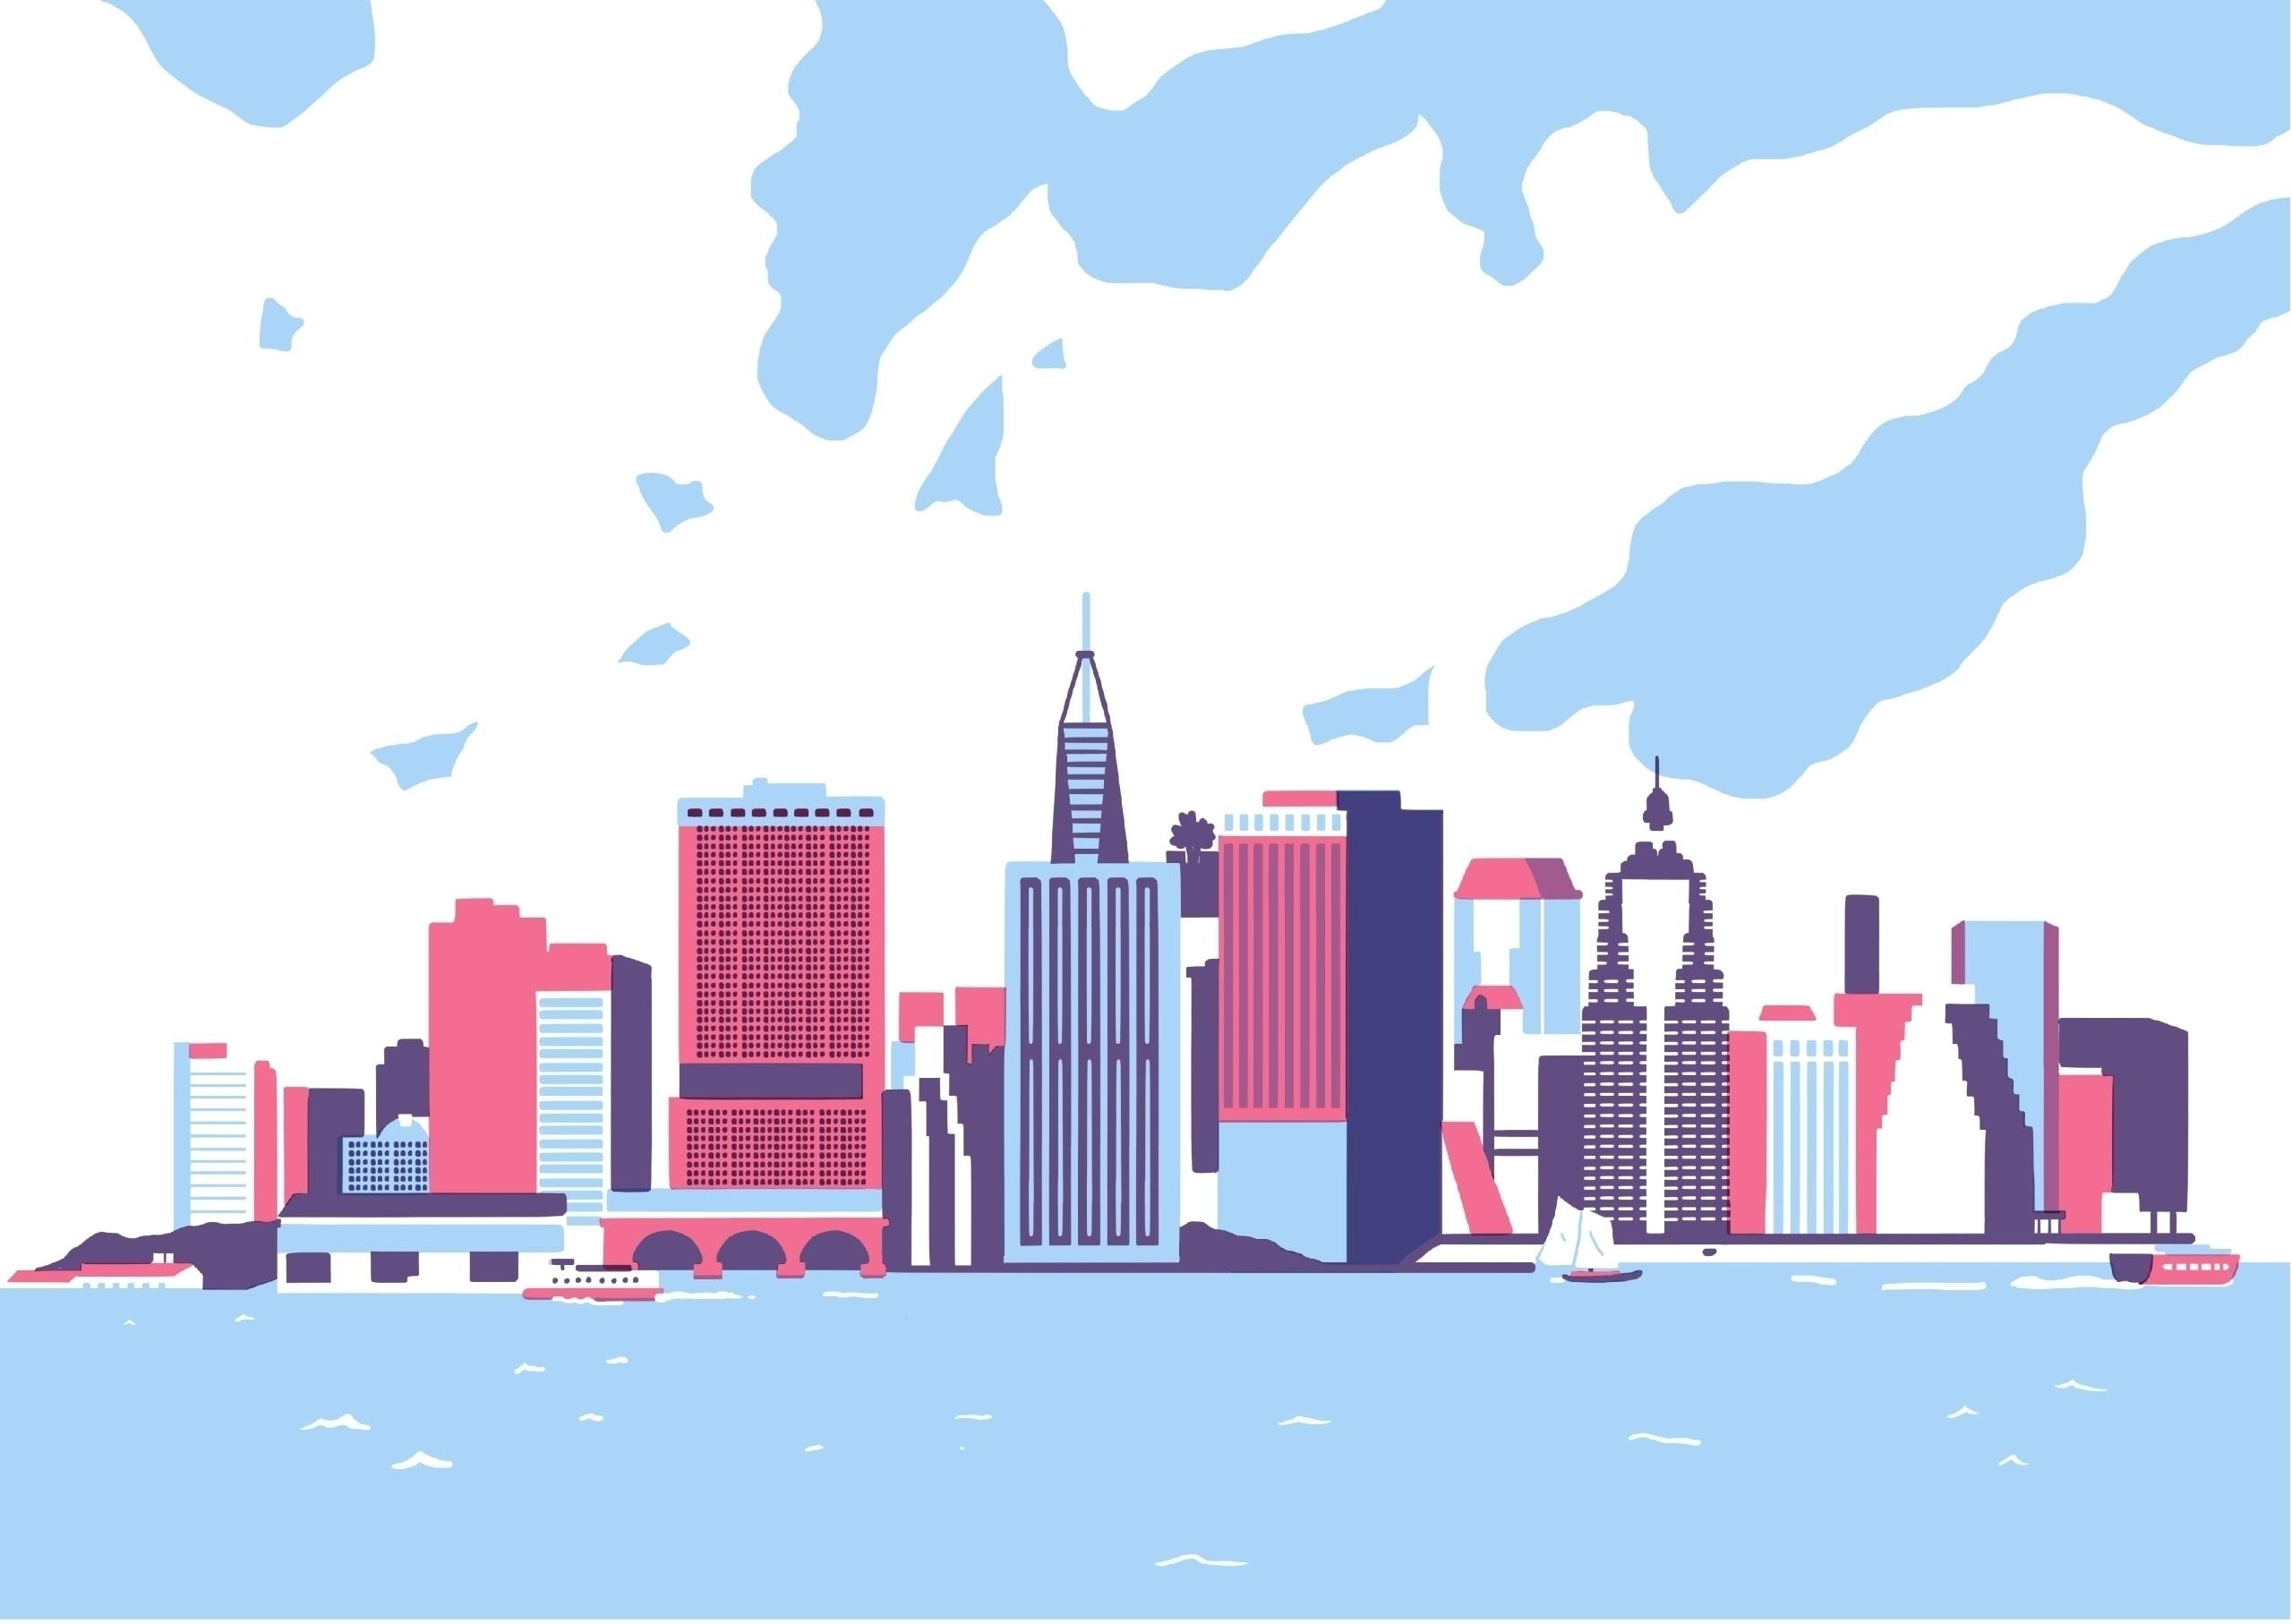 NY - Series illustration realiz - faustomontanari | ello